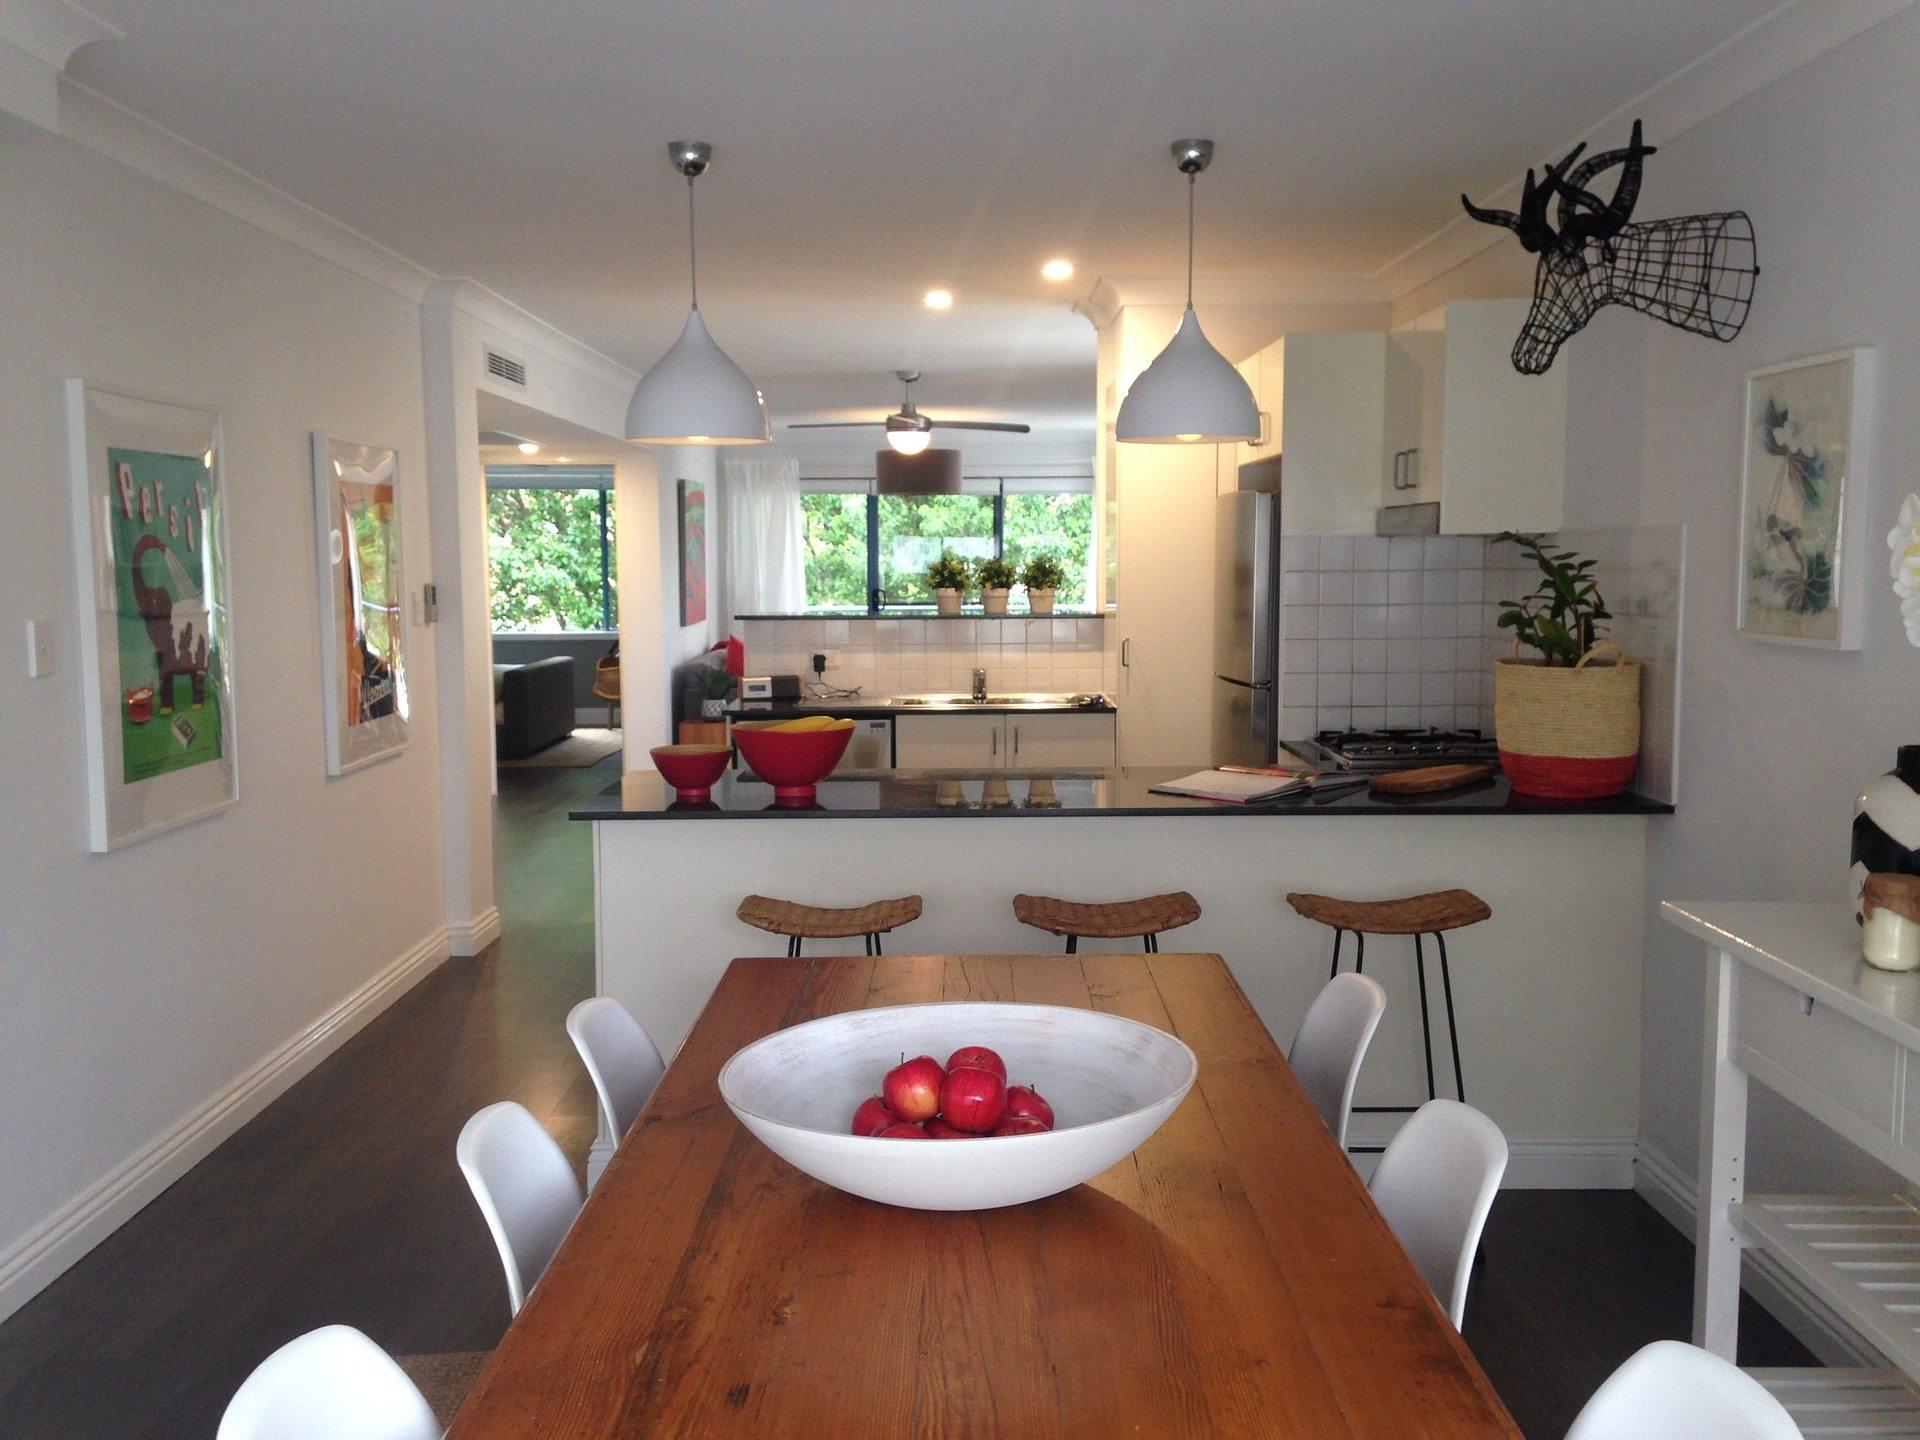 pendant lighting - aspen homes for sale